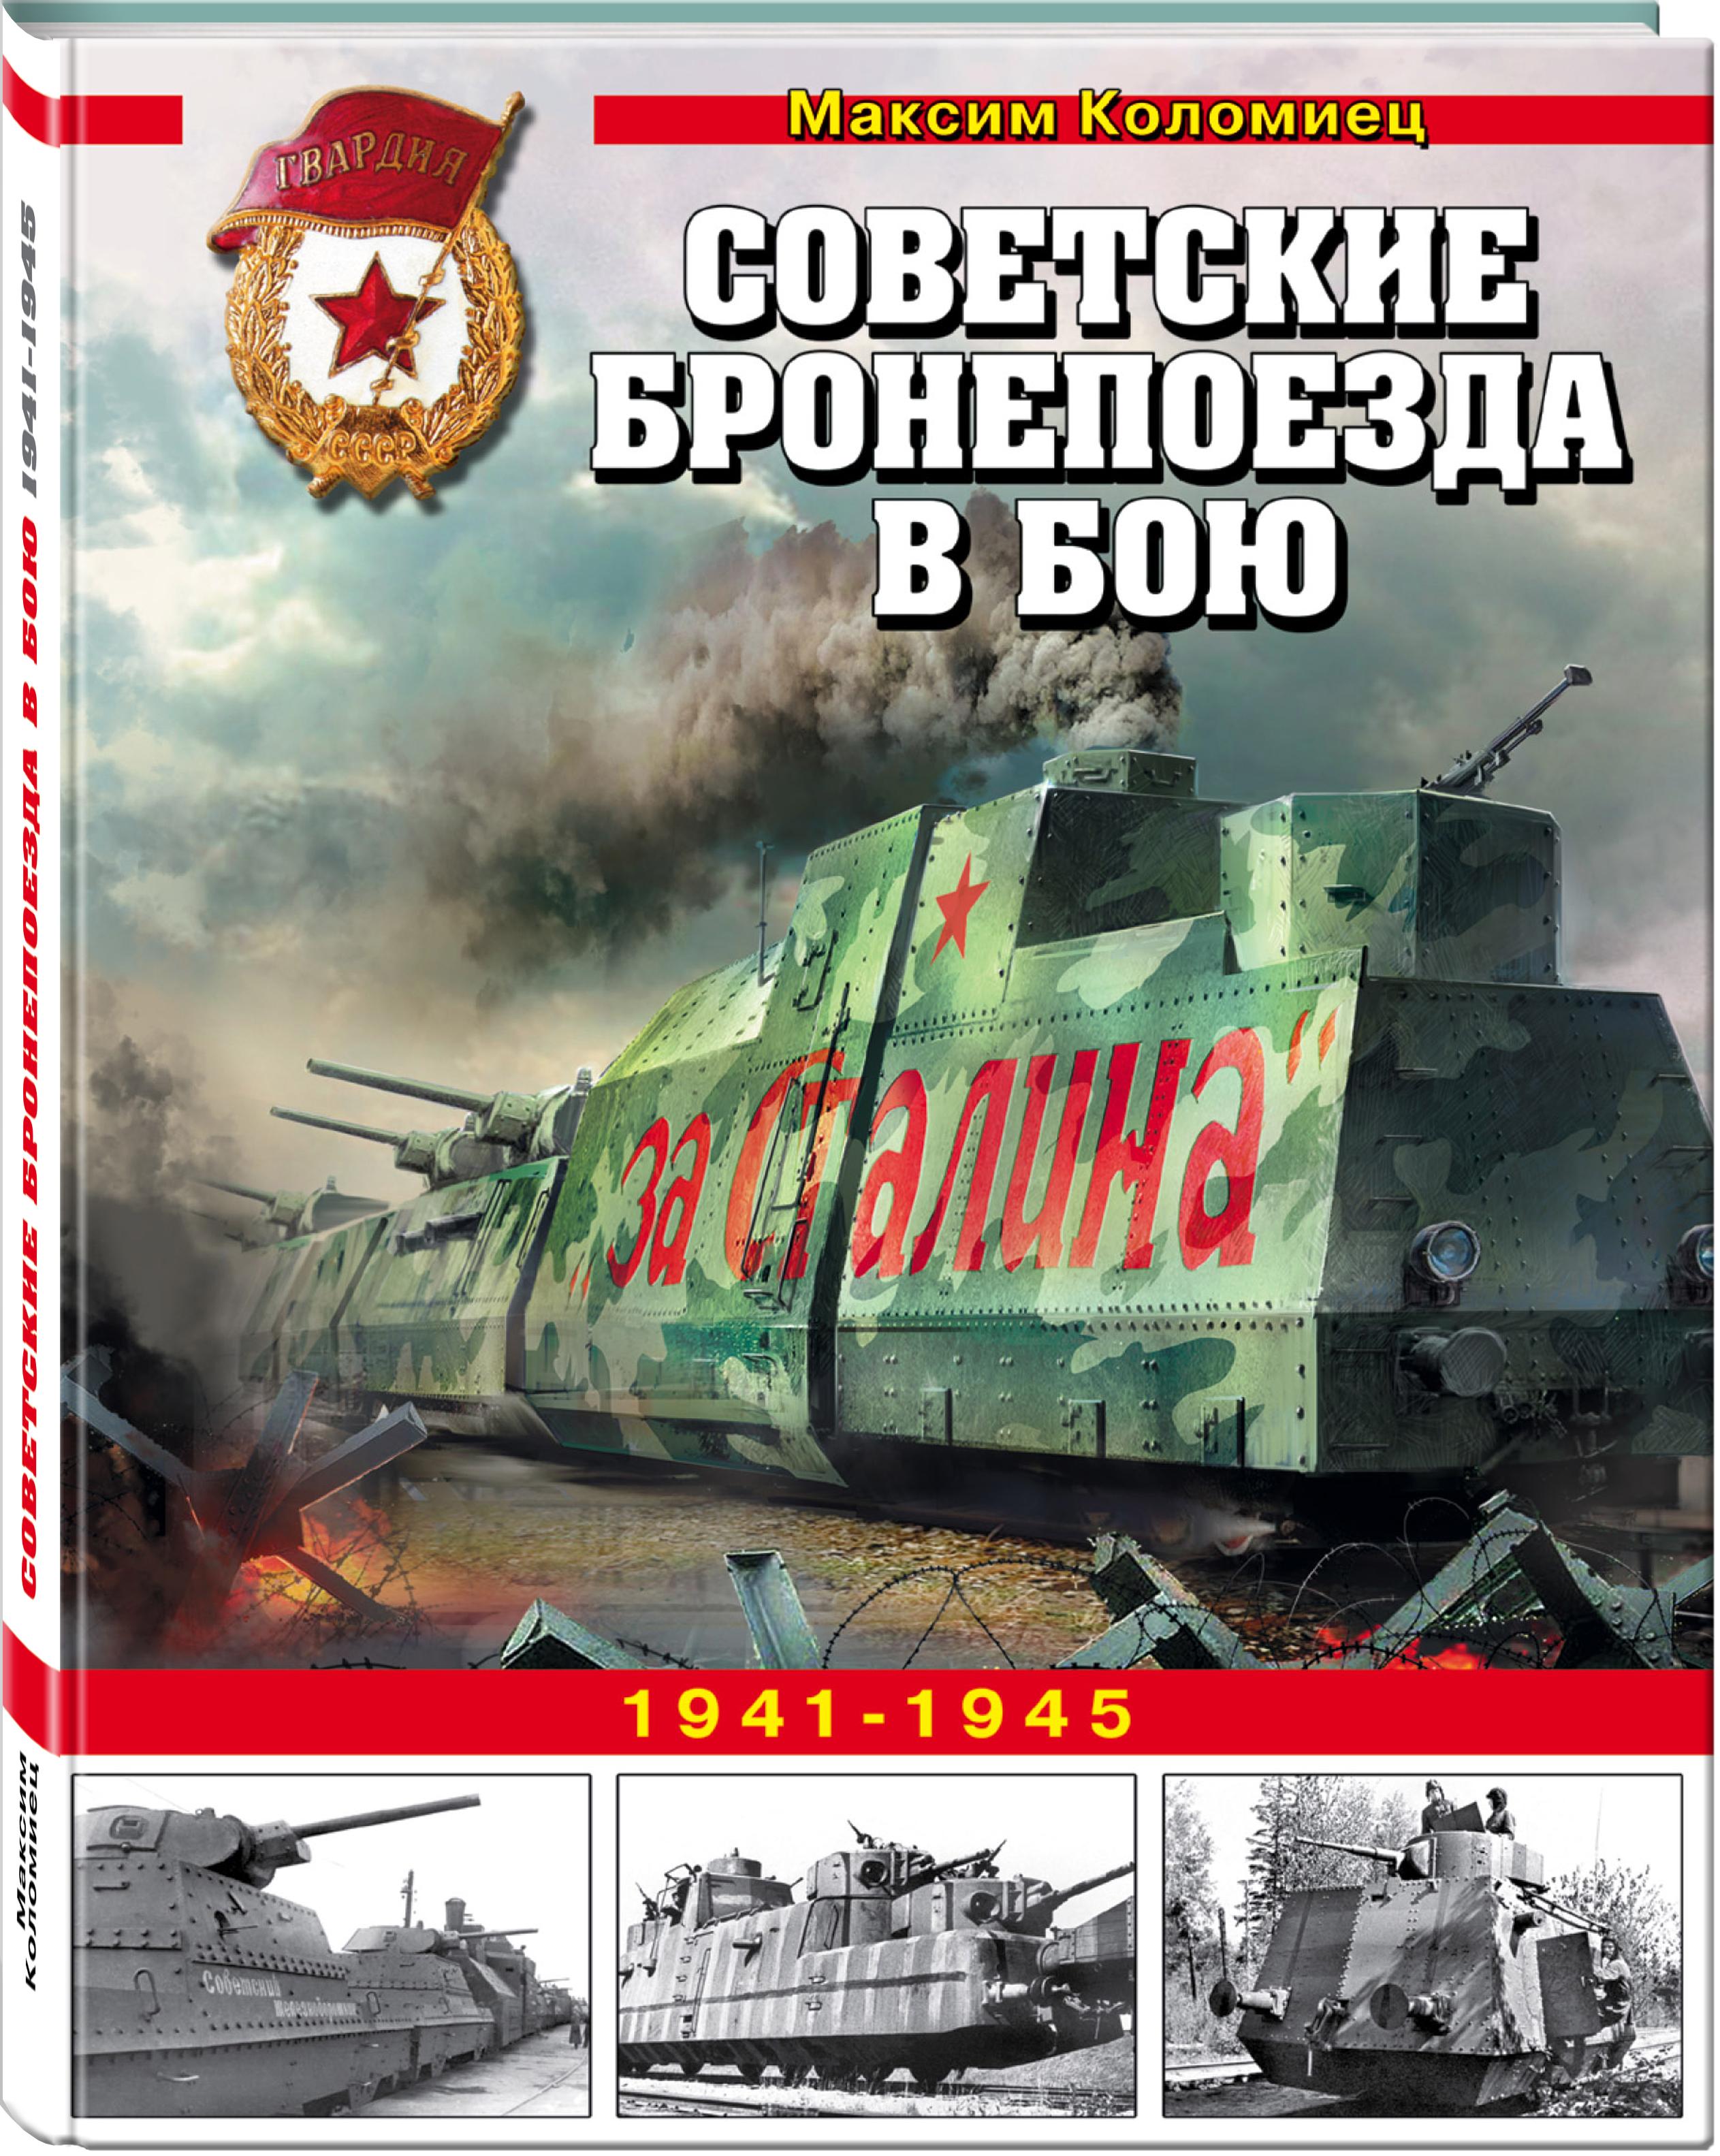 Коломиец М.В. Советские бронепоезда в бою. 1941-1945 максим коломиец 1941 последний парад мехкорпусов красной армии